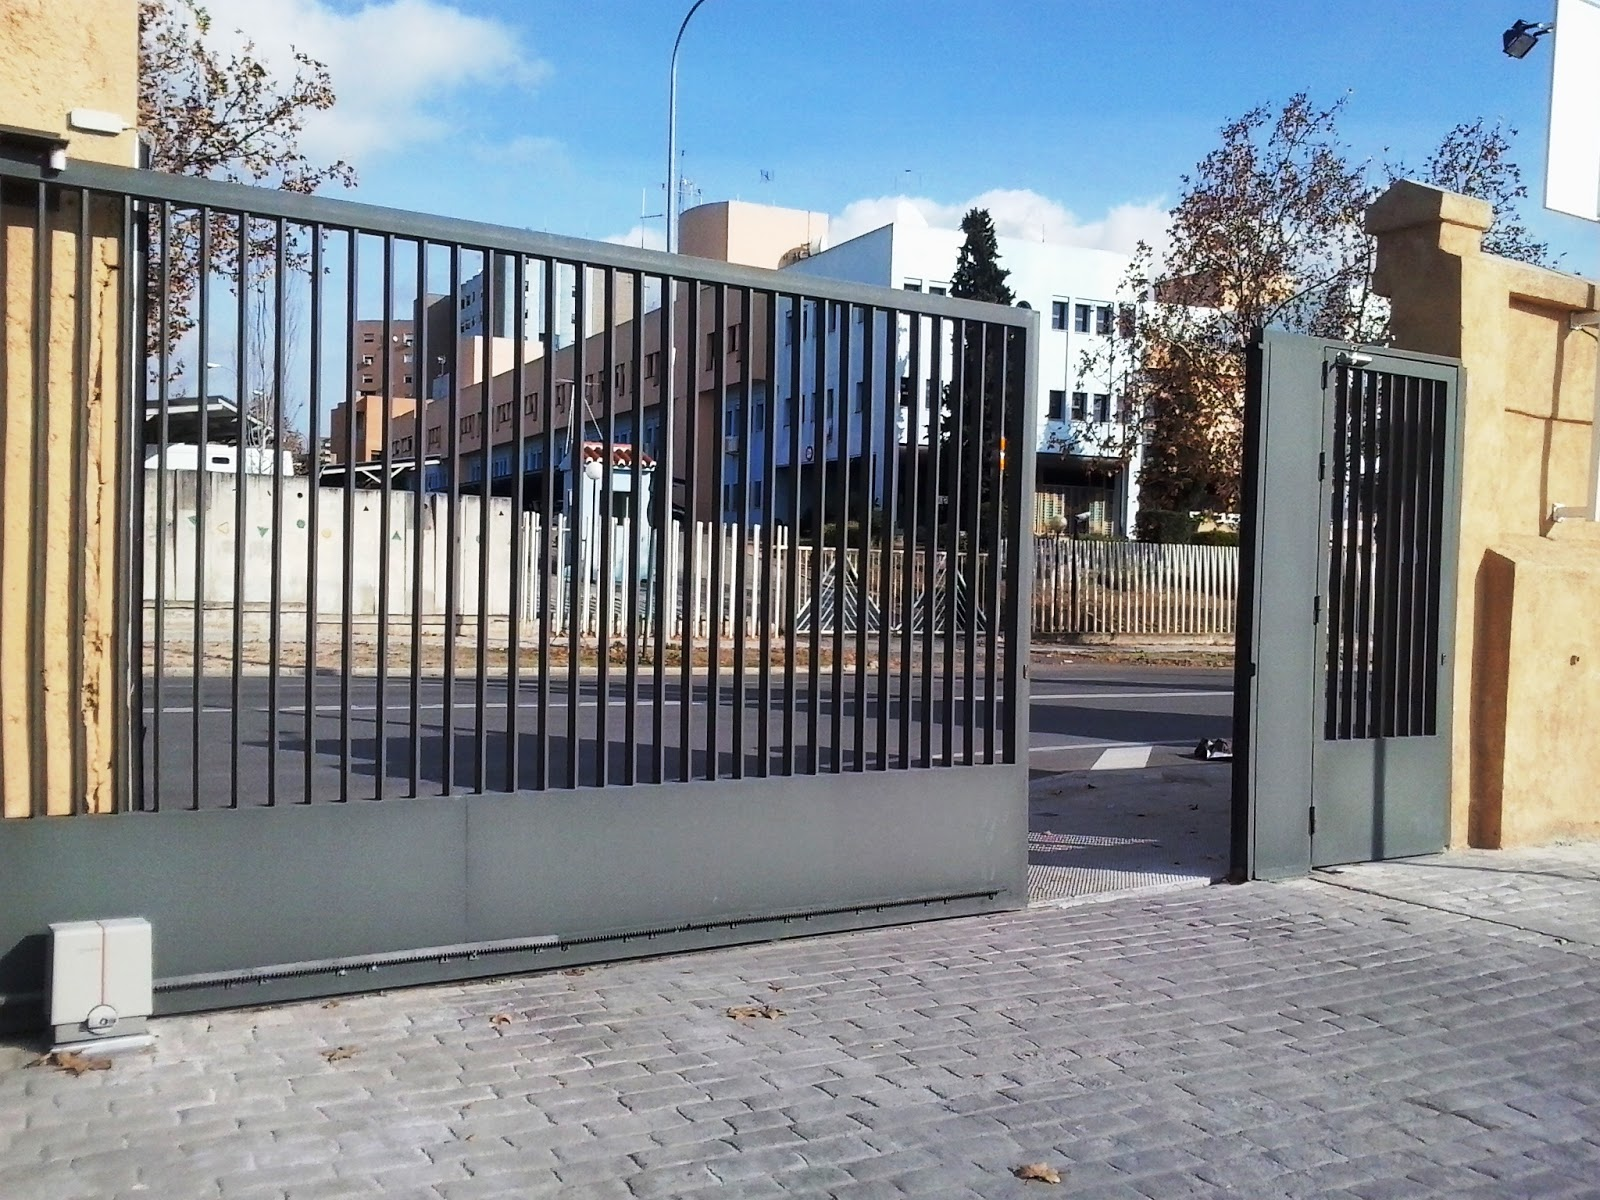 Blog de luismi iyc accionamiento neum tico de puerta for Accionamiento neumatico